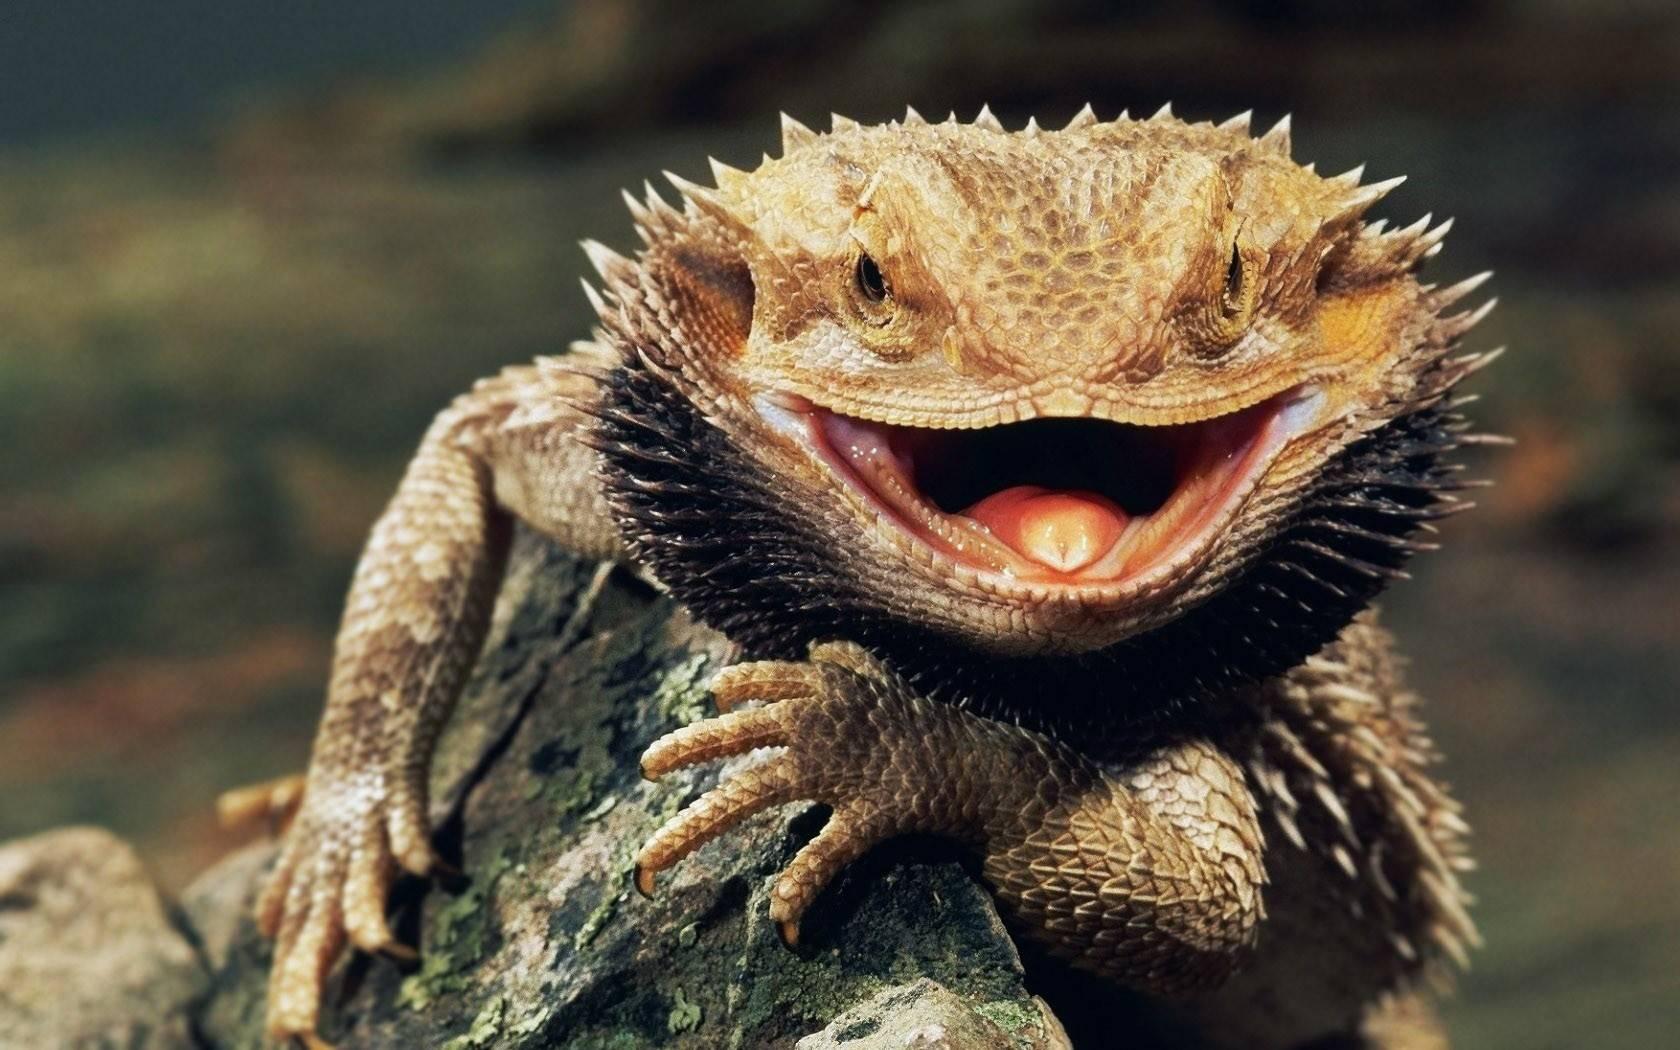 Reptiles Lizards com animals lizard